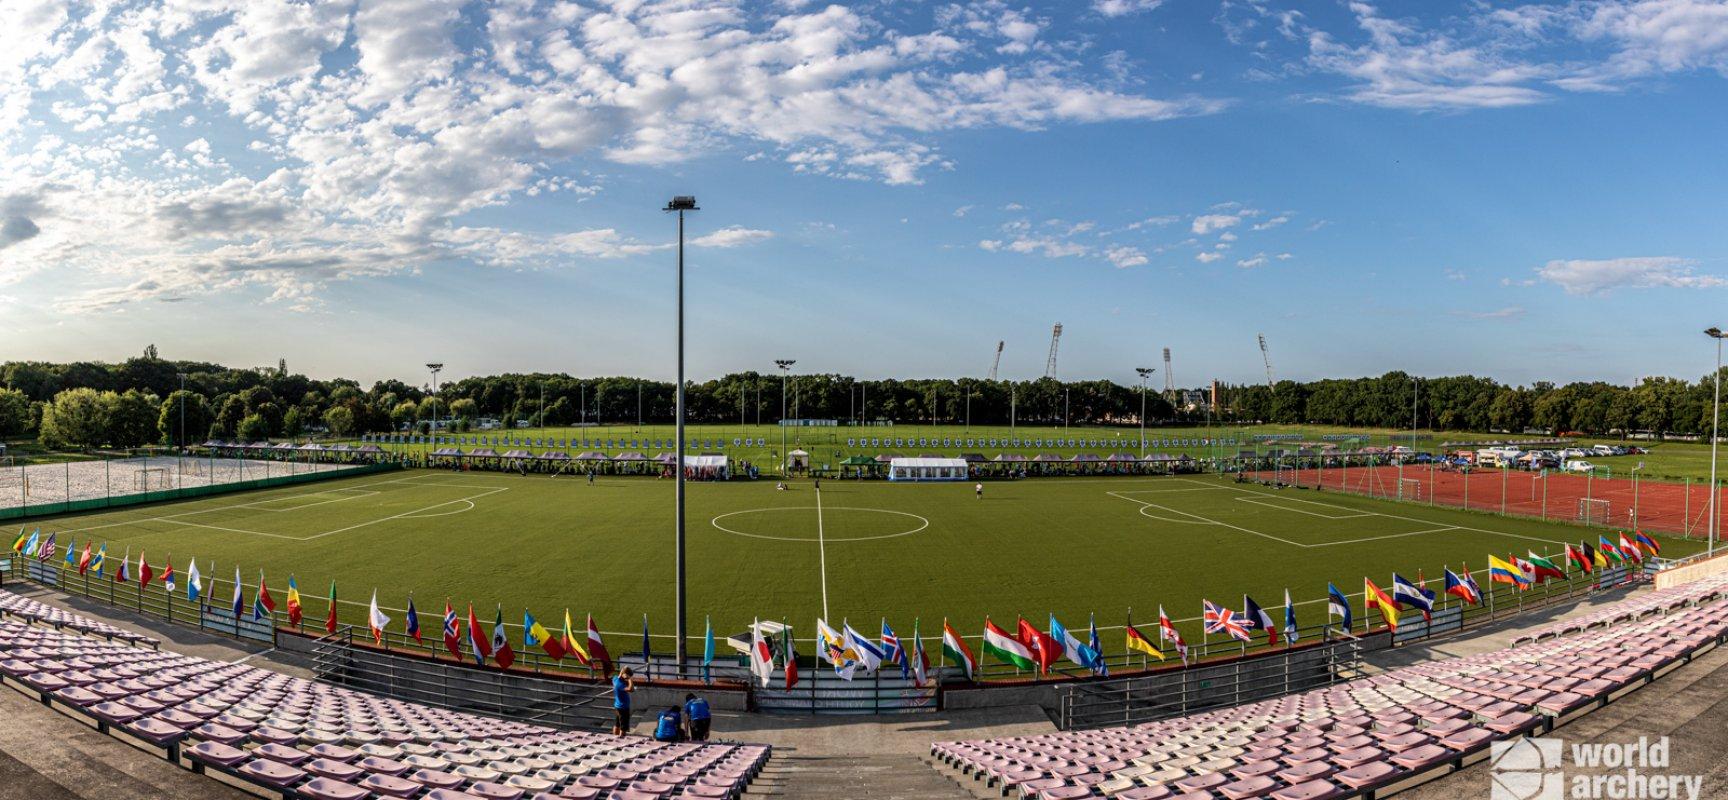 Δελτίο τύπου – παγκόσμιο πρωτάθλημα νέων – Wroclaw 2021